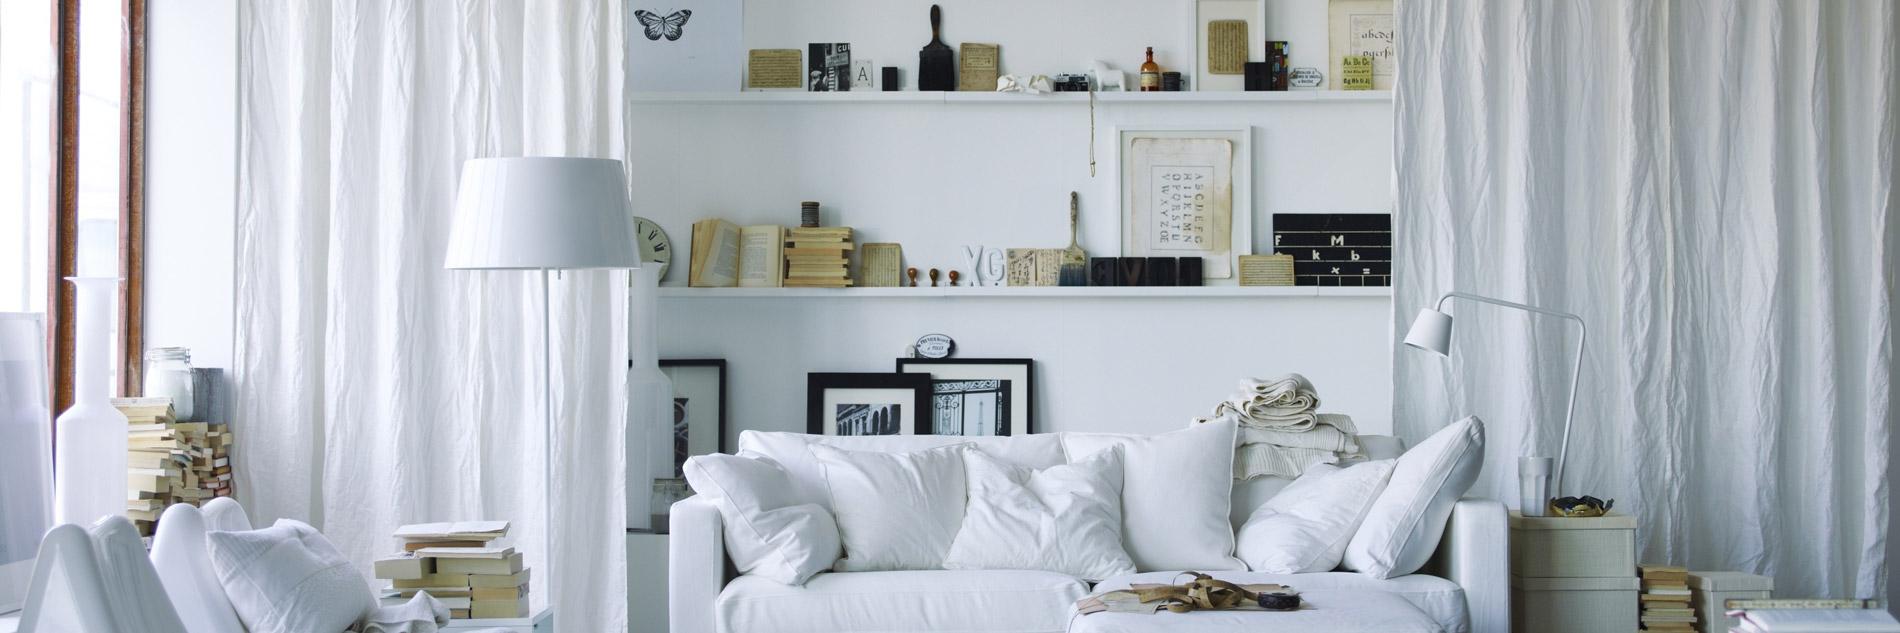 Idea Casa Li Punti idea casa molteni - tende, tendaggi, materassi, veneziane